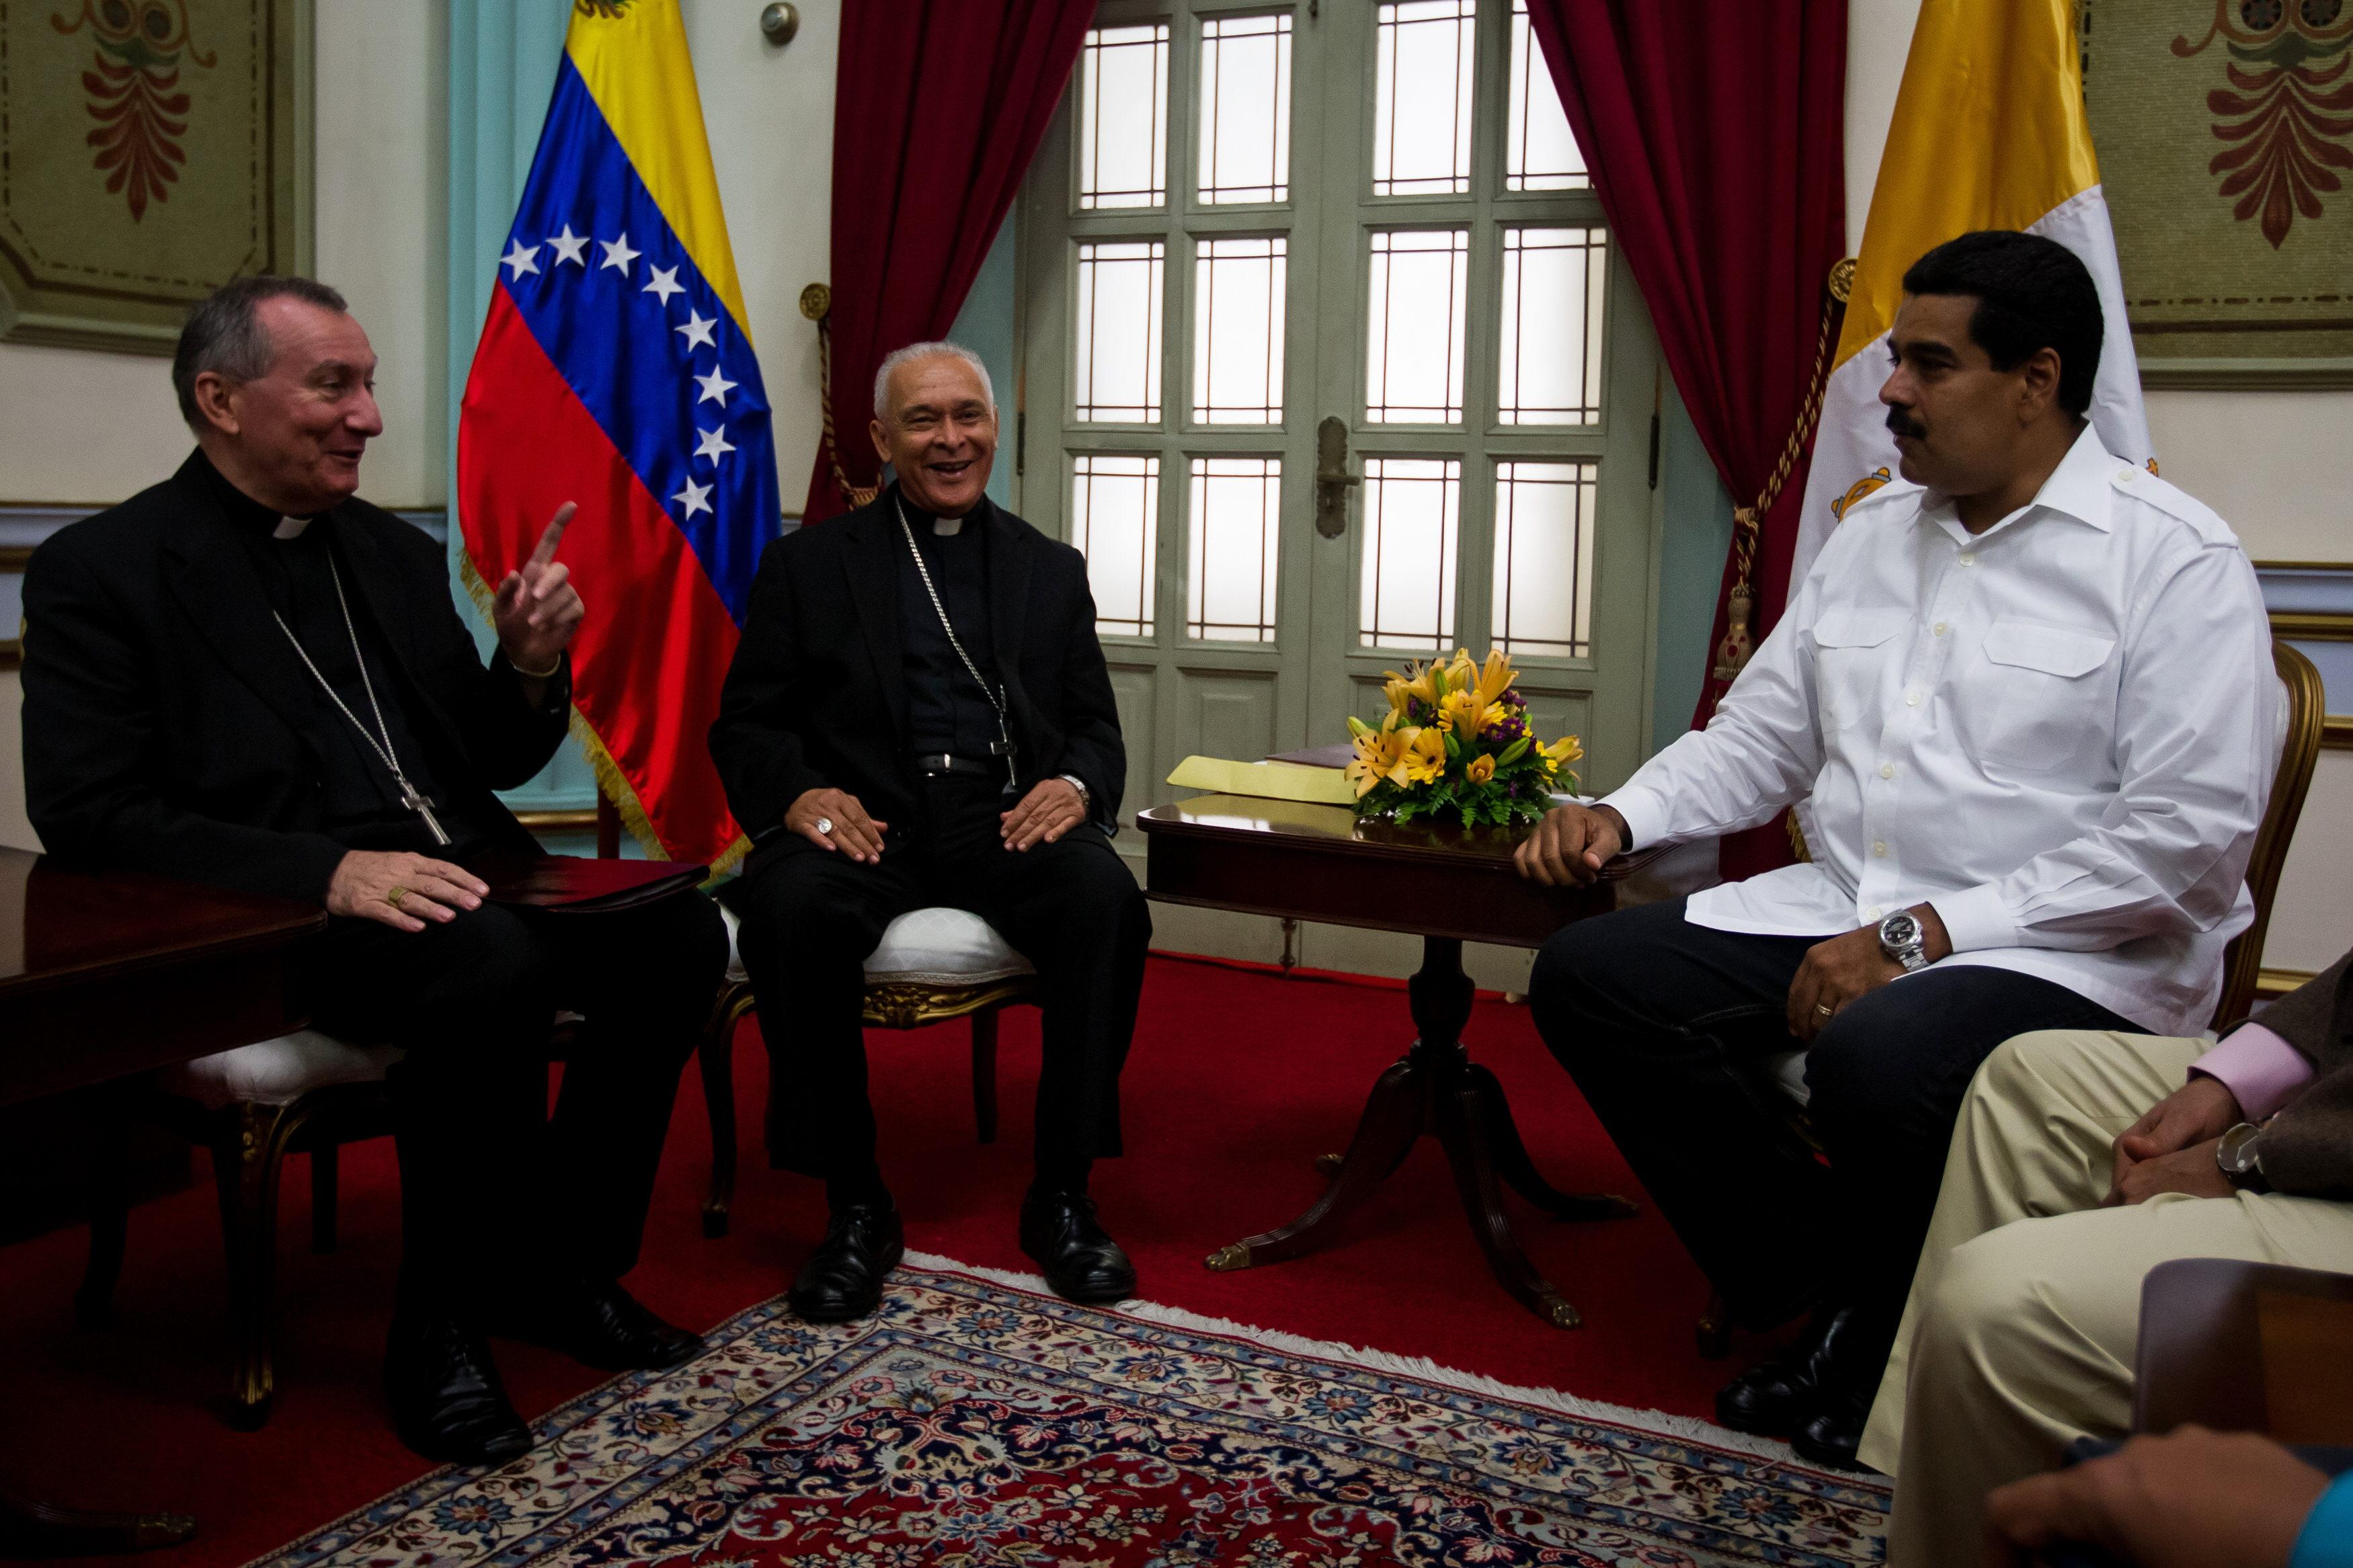 El papa y Maduro abordaron los problemas de la pobreza, la criminalidad y las drogas